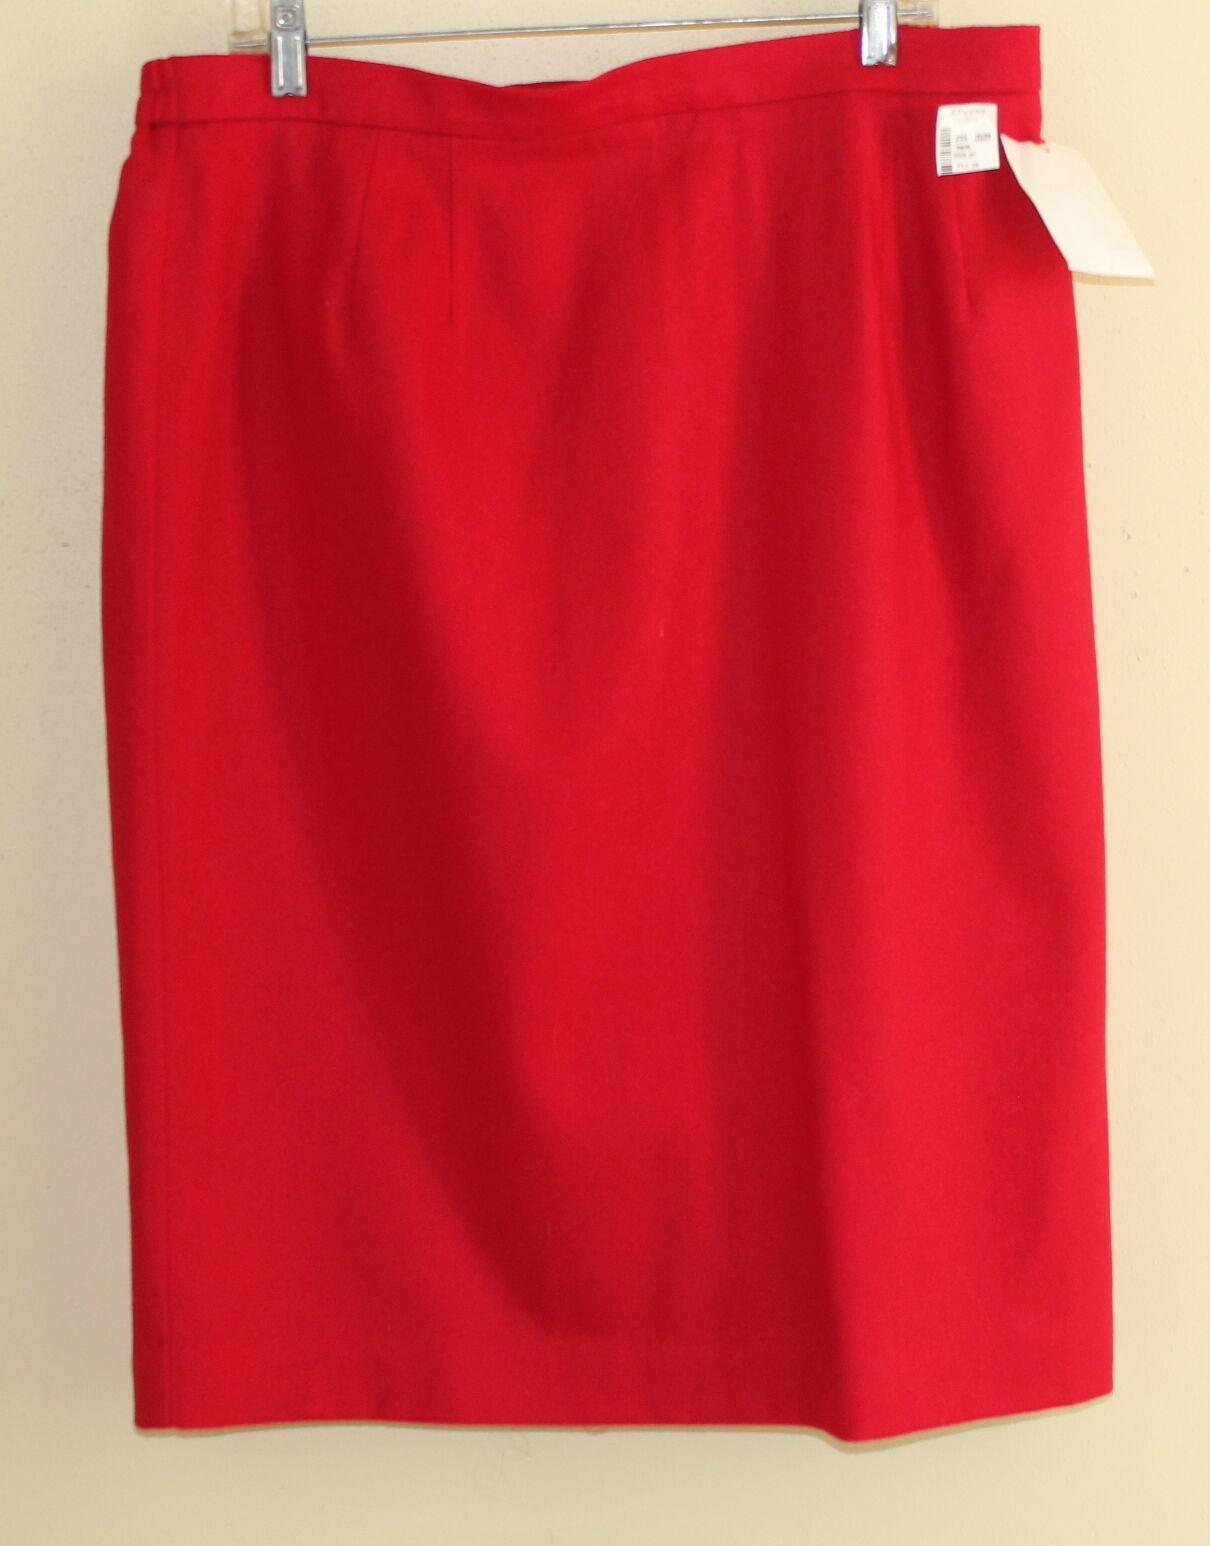 New WORTHINGTON Elegant Classic Red Wool Straight Pencil Skirt Sz 20T (TALL)